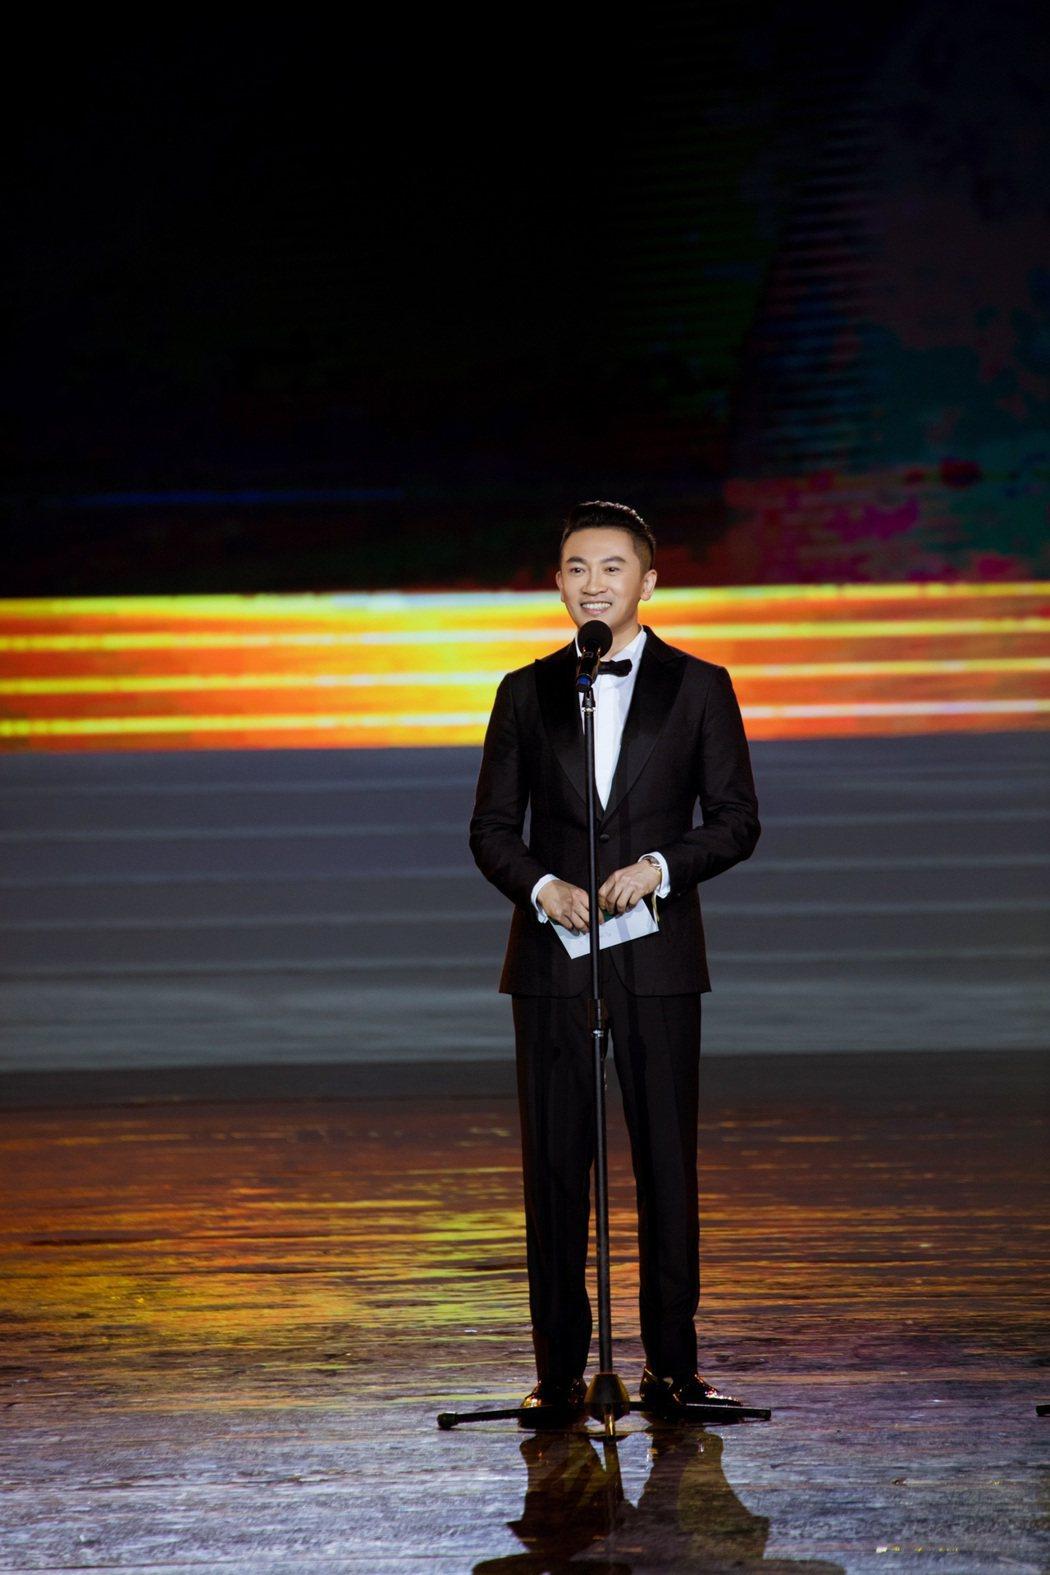 蘇有朋16日出席第一屆海南島國際電影節擔任頒獎嘉賓。圖/明悅整合行銷提供